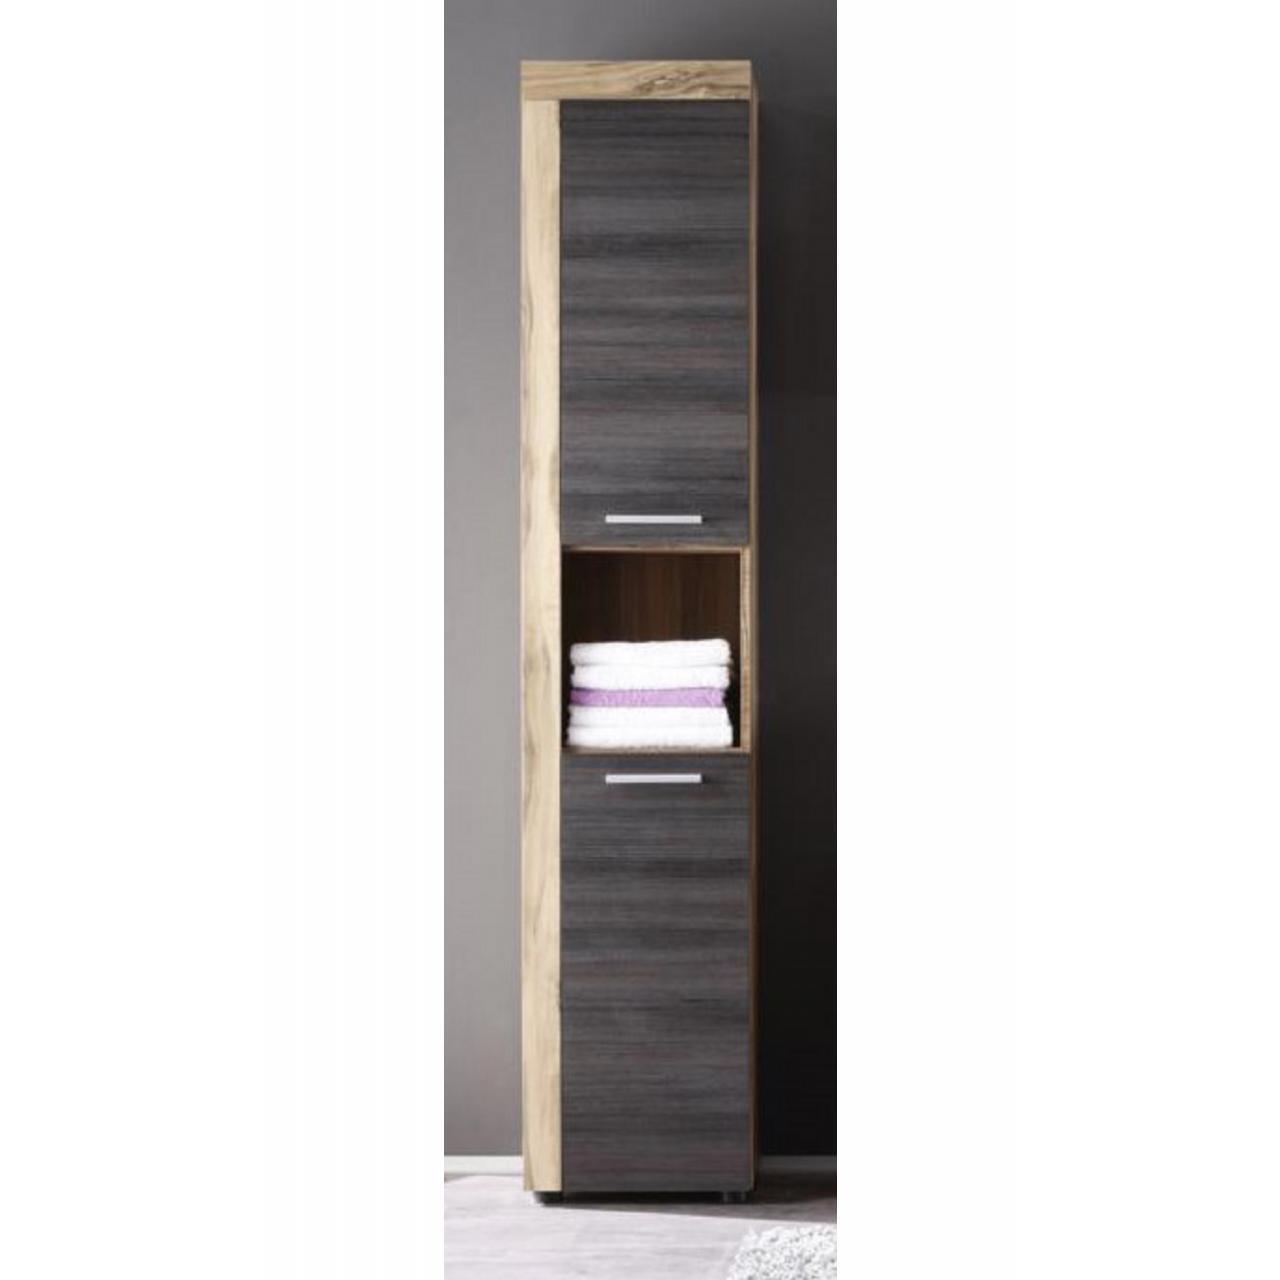 Hochschrank Cascada Badezimmer Bad Gäste-WC 2 Türen 1 Offenes Fach Nussbaum  Satin/Touchwood dunkel